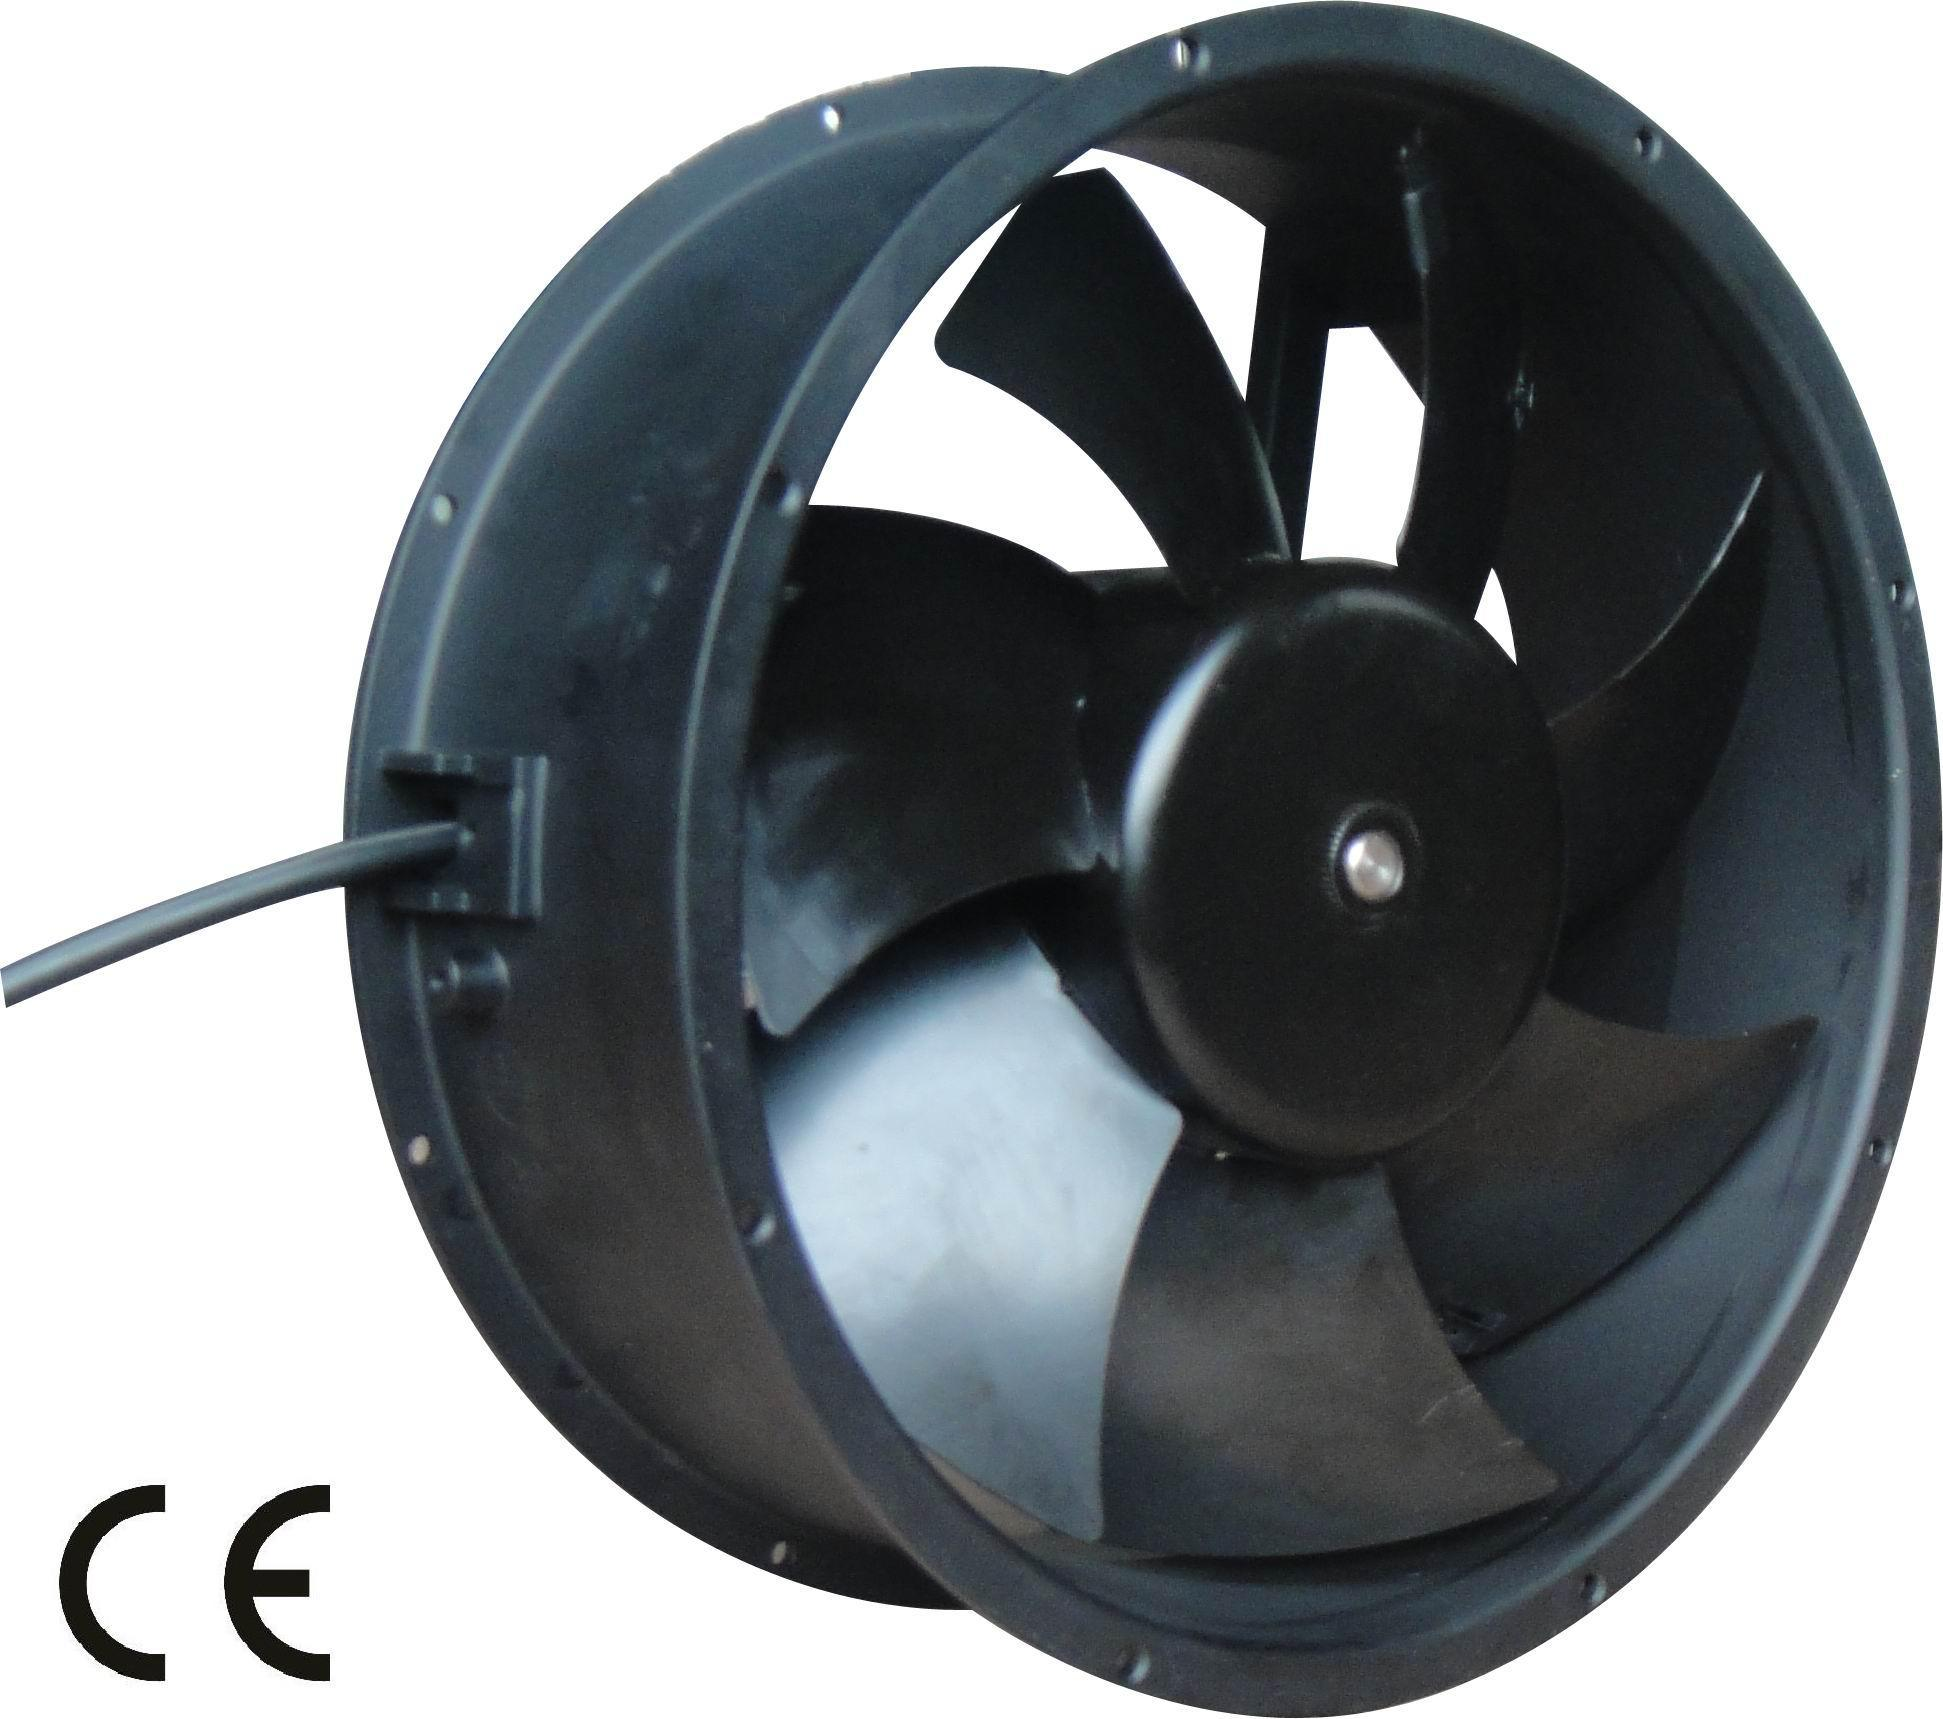 China DC Axial Fan 215mm China Axial Fan Axial Flow Fan #4C657F